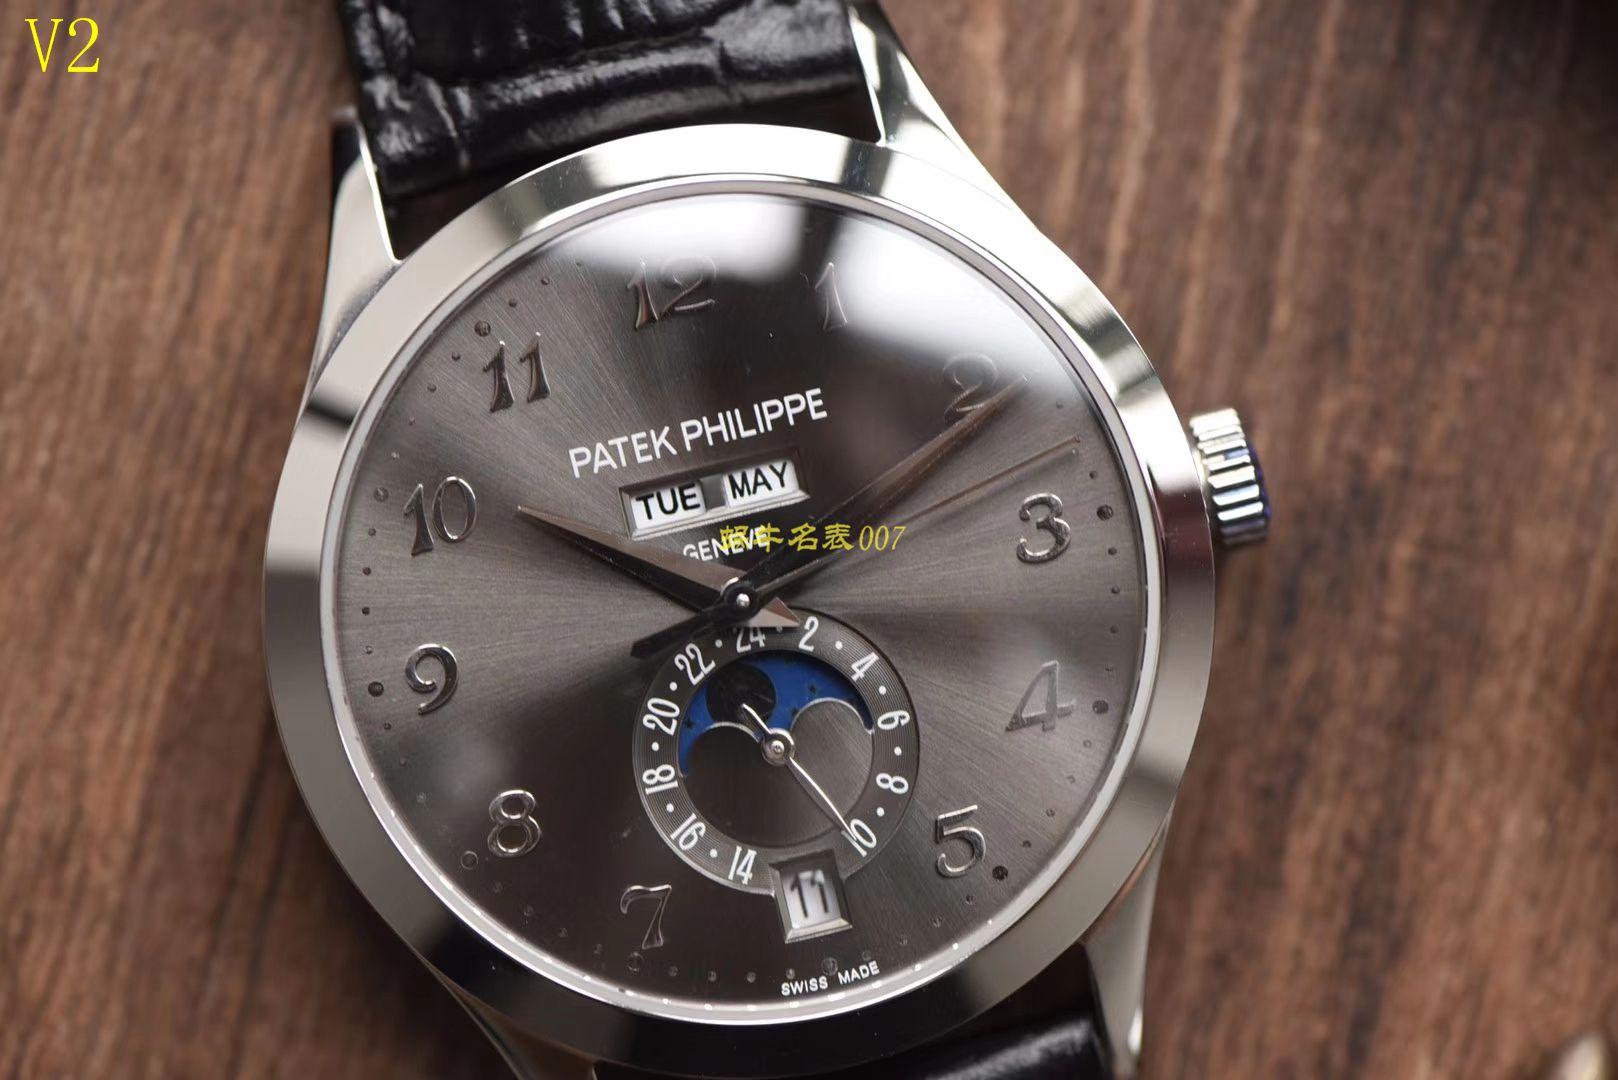 【台湾厂一比一精仿手表】百达翡丽复杂功能计时系列5396G-014腕表 / BD175